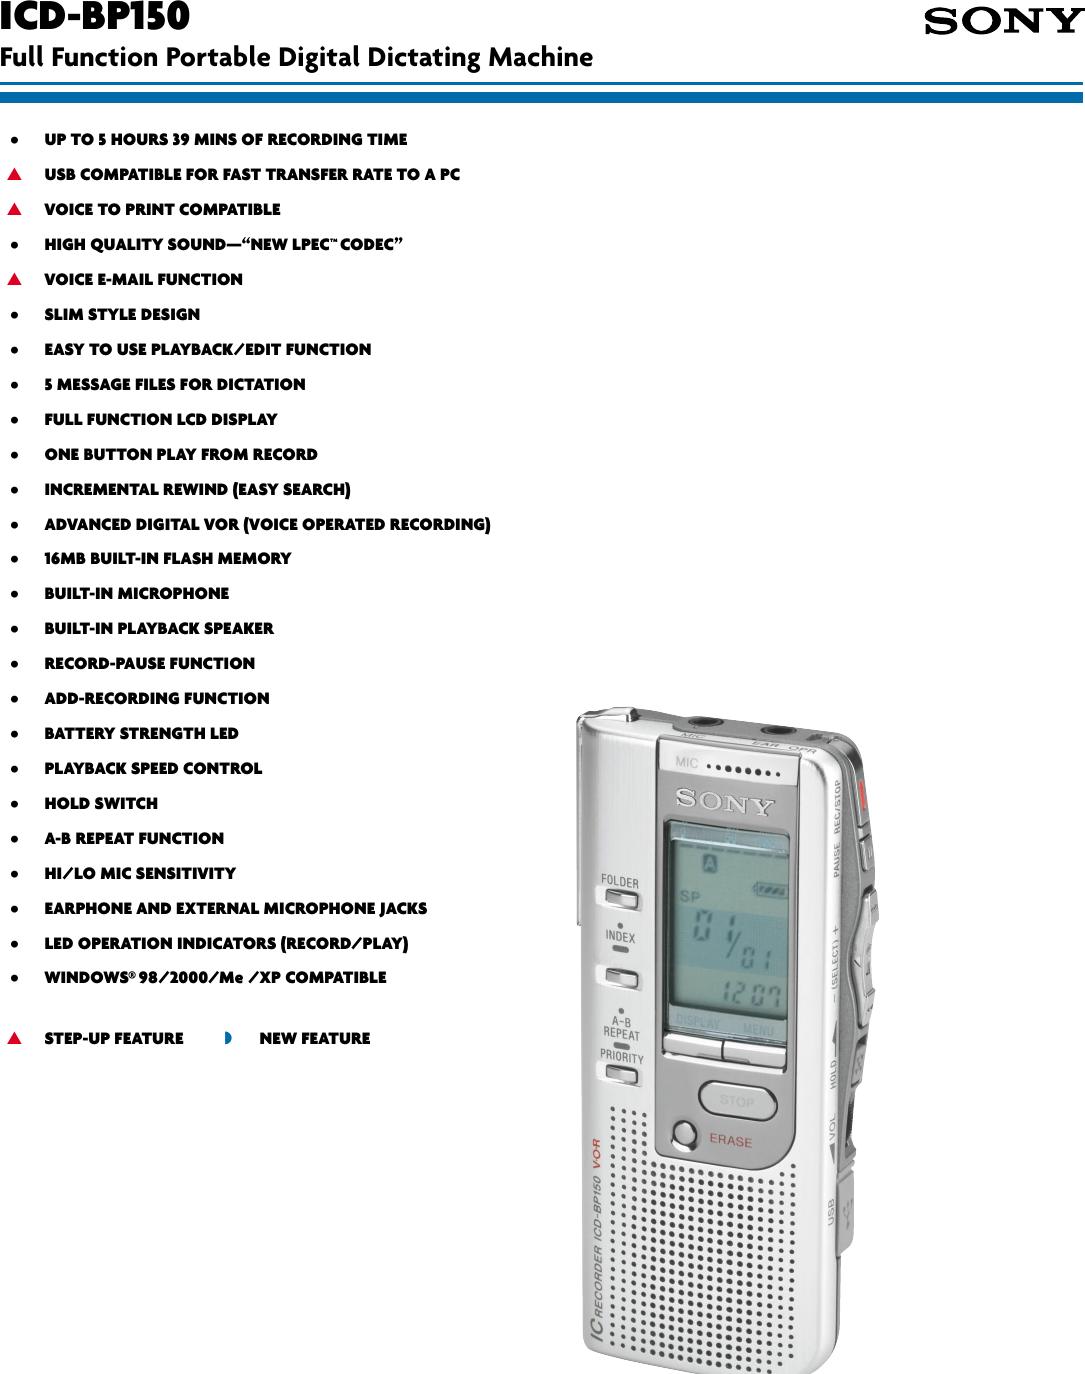 ICD-BP150 DRIVERS WINDOWS 7